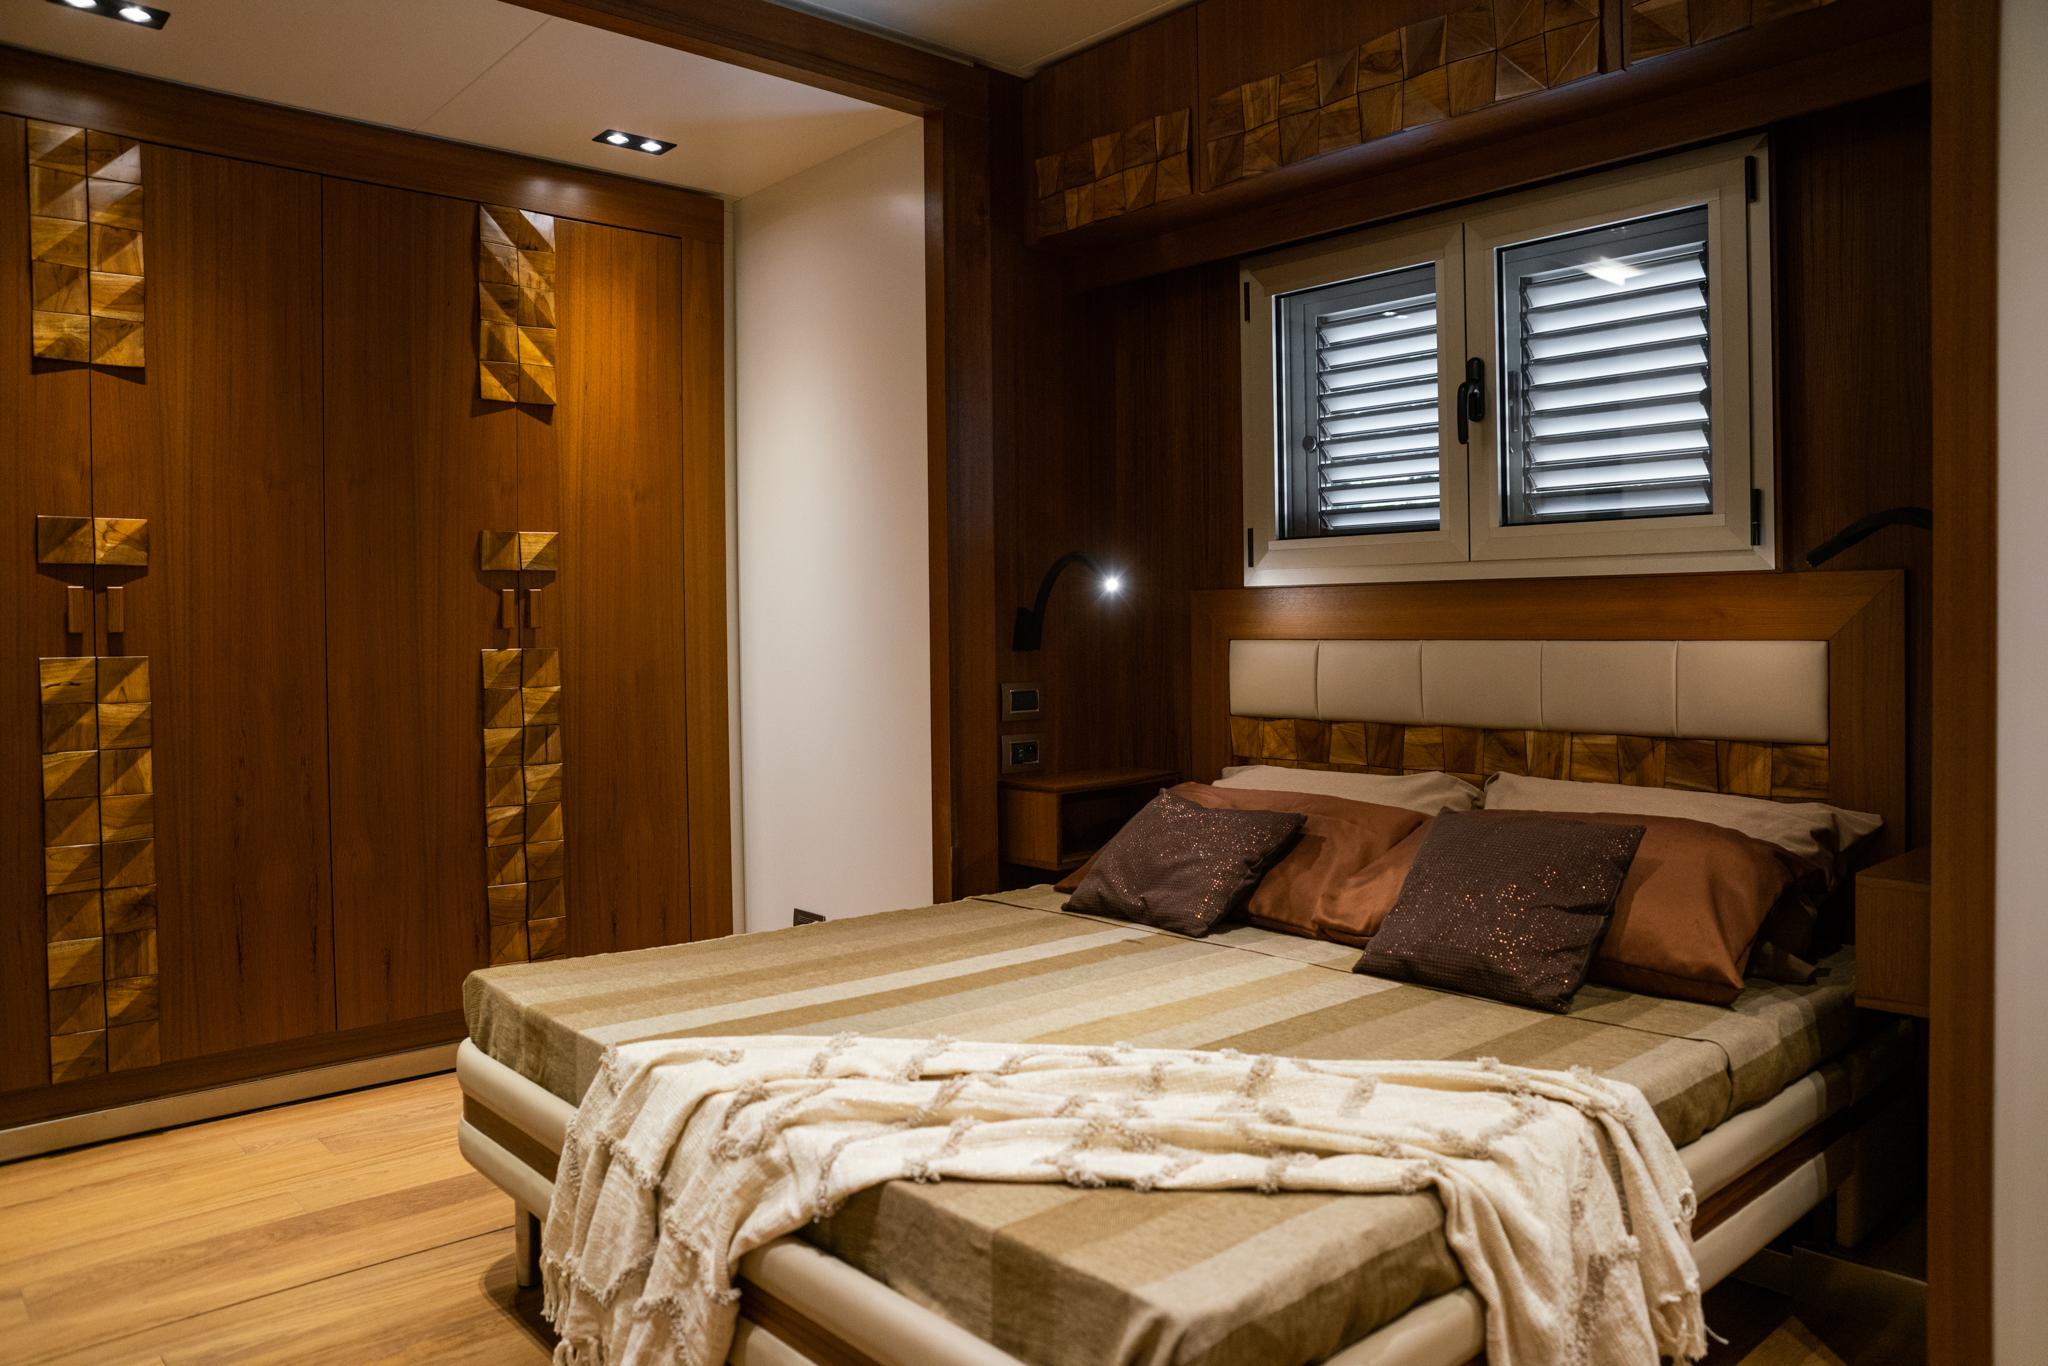 Sypialnia w luksusowej przyczepie mieszkalnej